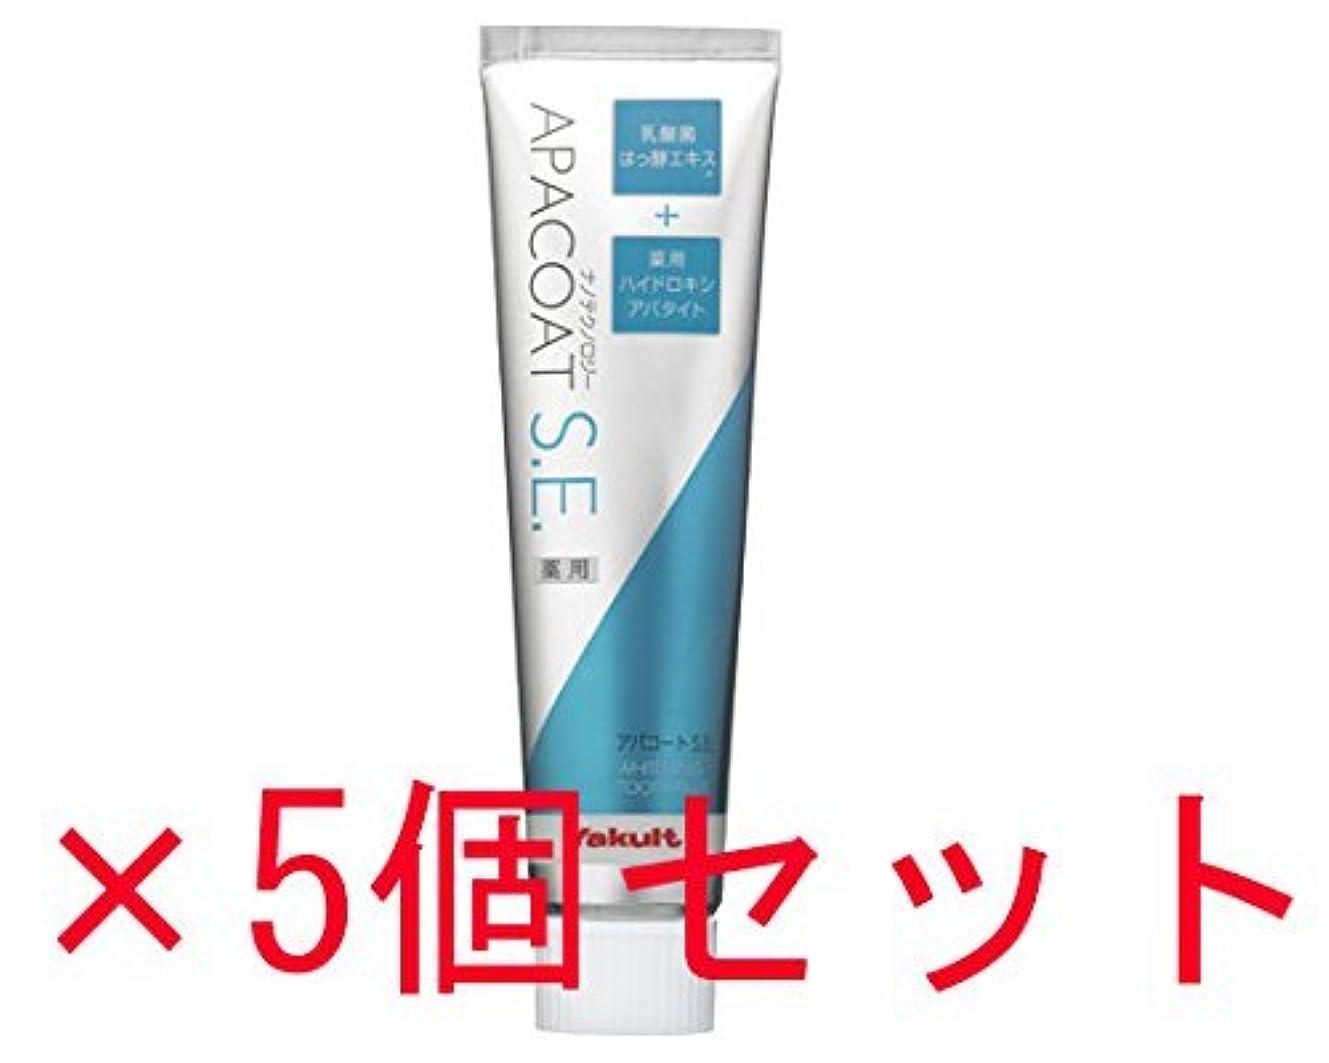 収益離婚申し立てるヤクルト化粧品 薬用 アパコートS.E. (ナノテクノロジー) 120g 5個セット